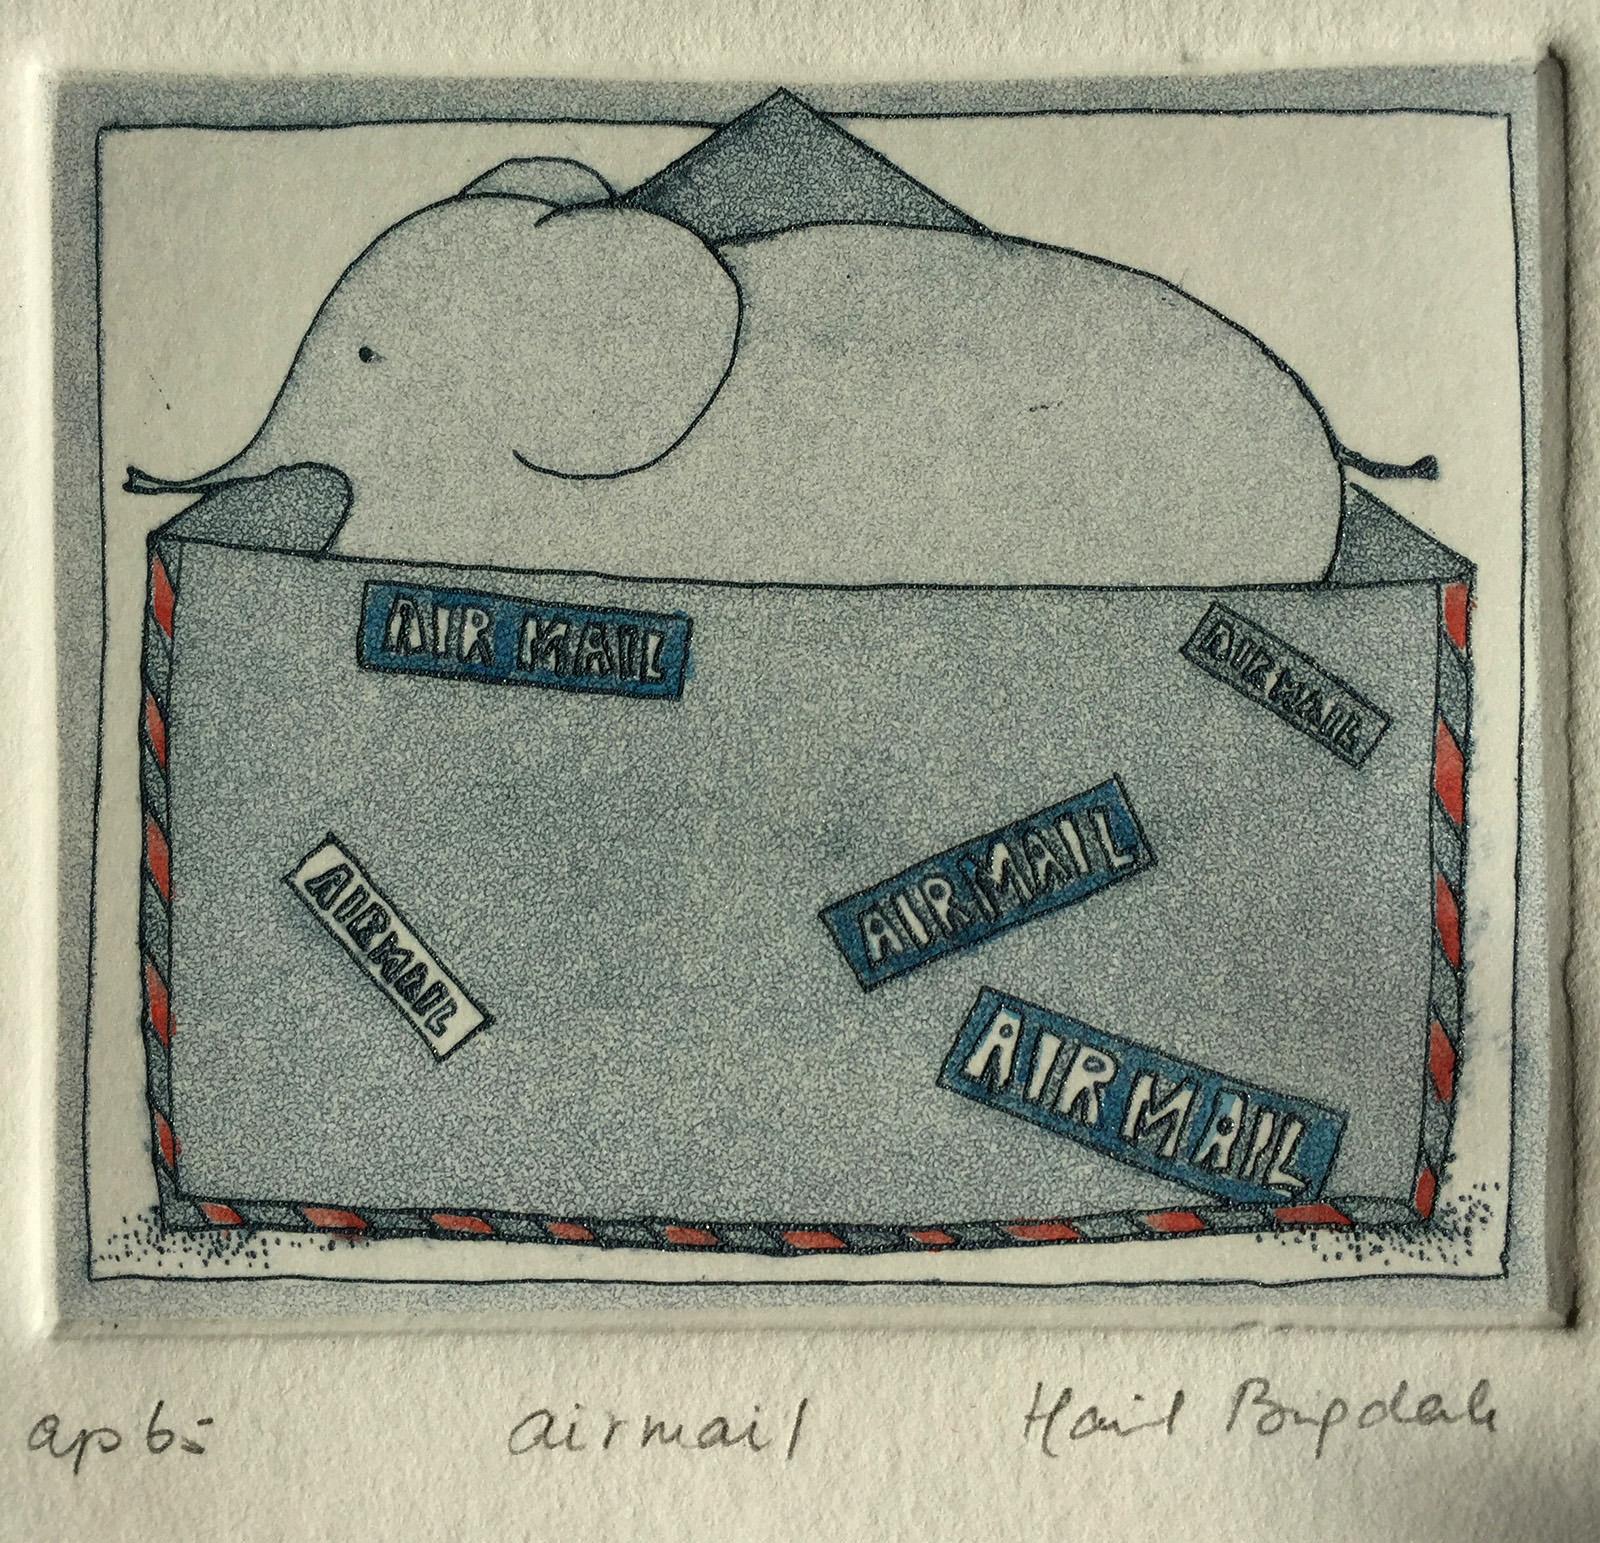 Airmail, etching, Harriet Brigdale